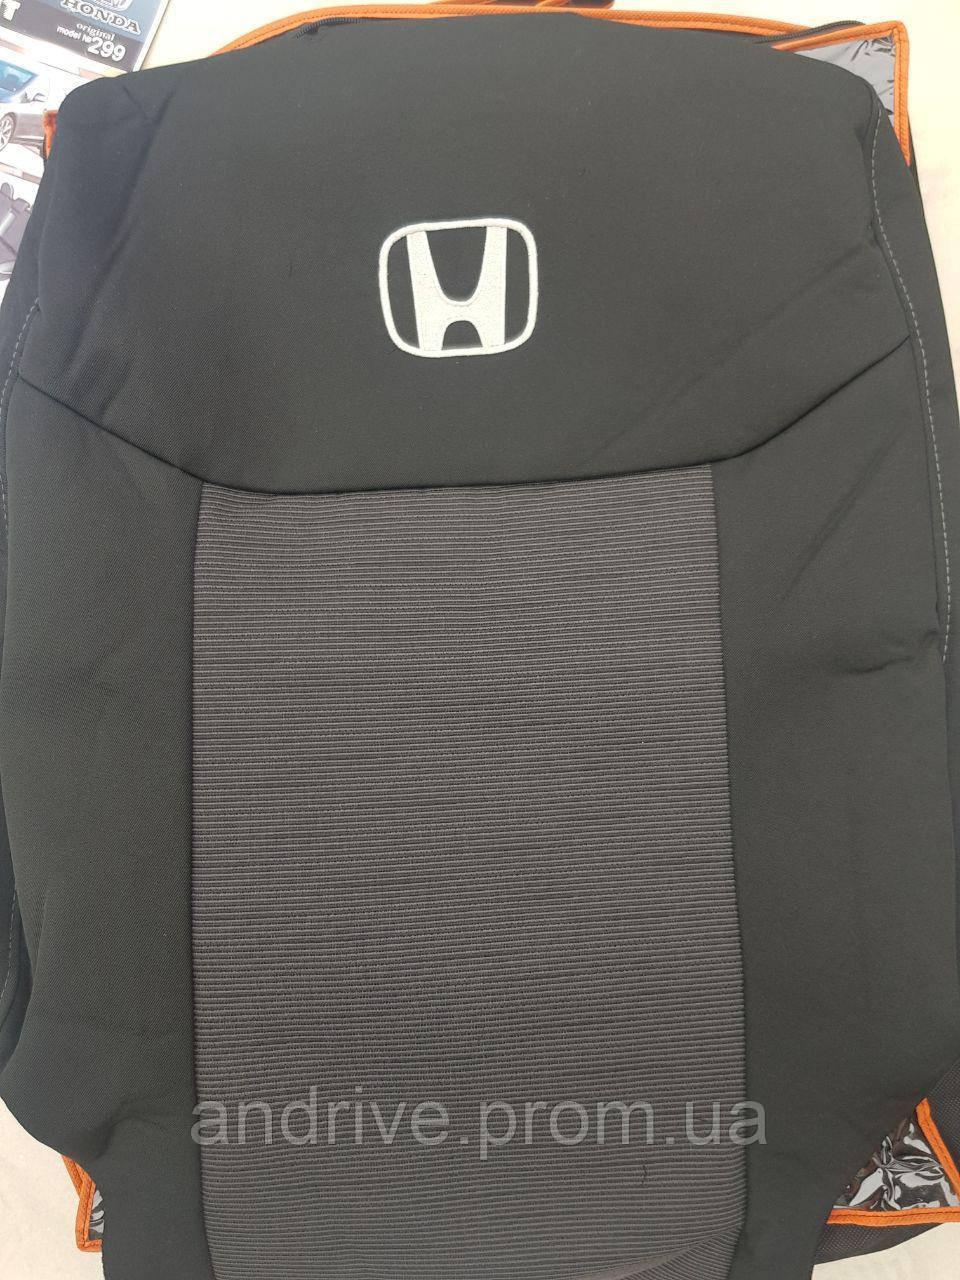 Авточехлы Honda CR-V 2007-2011 г